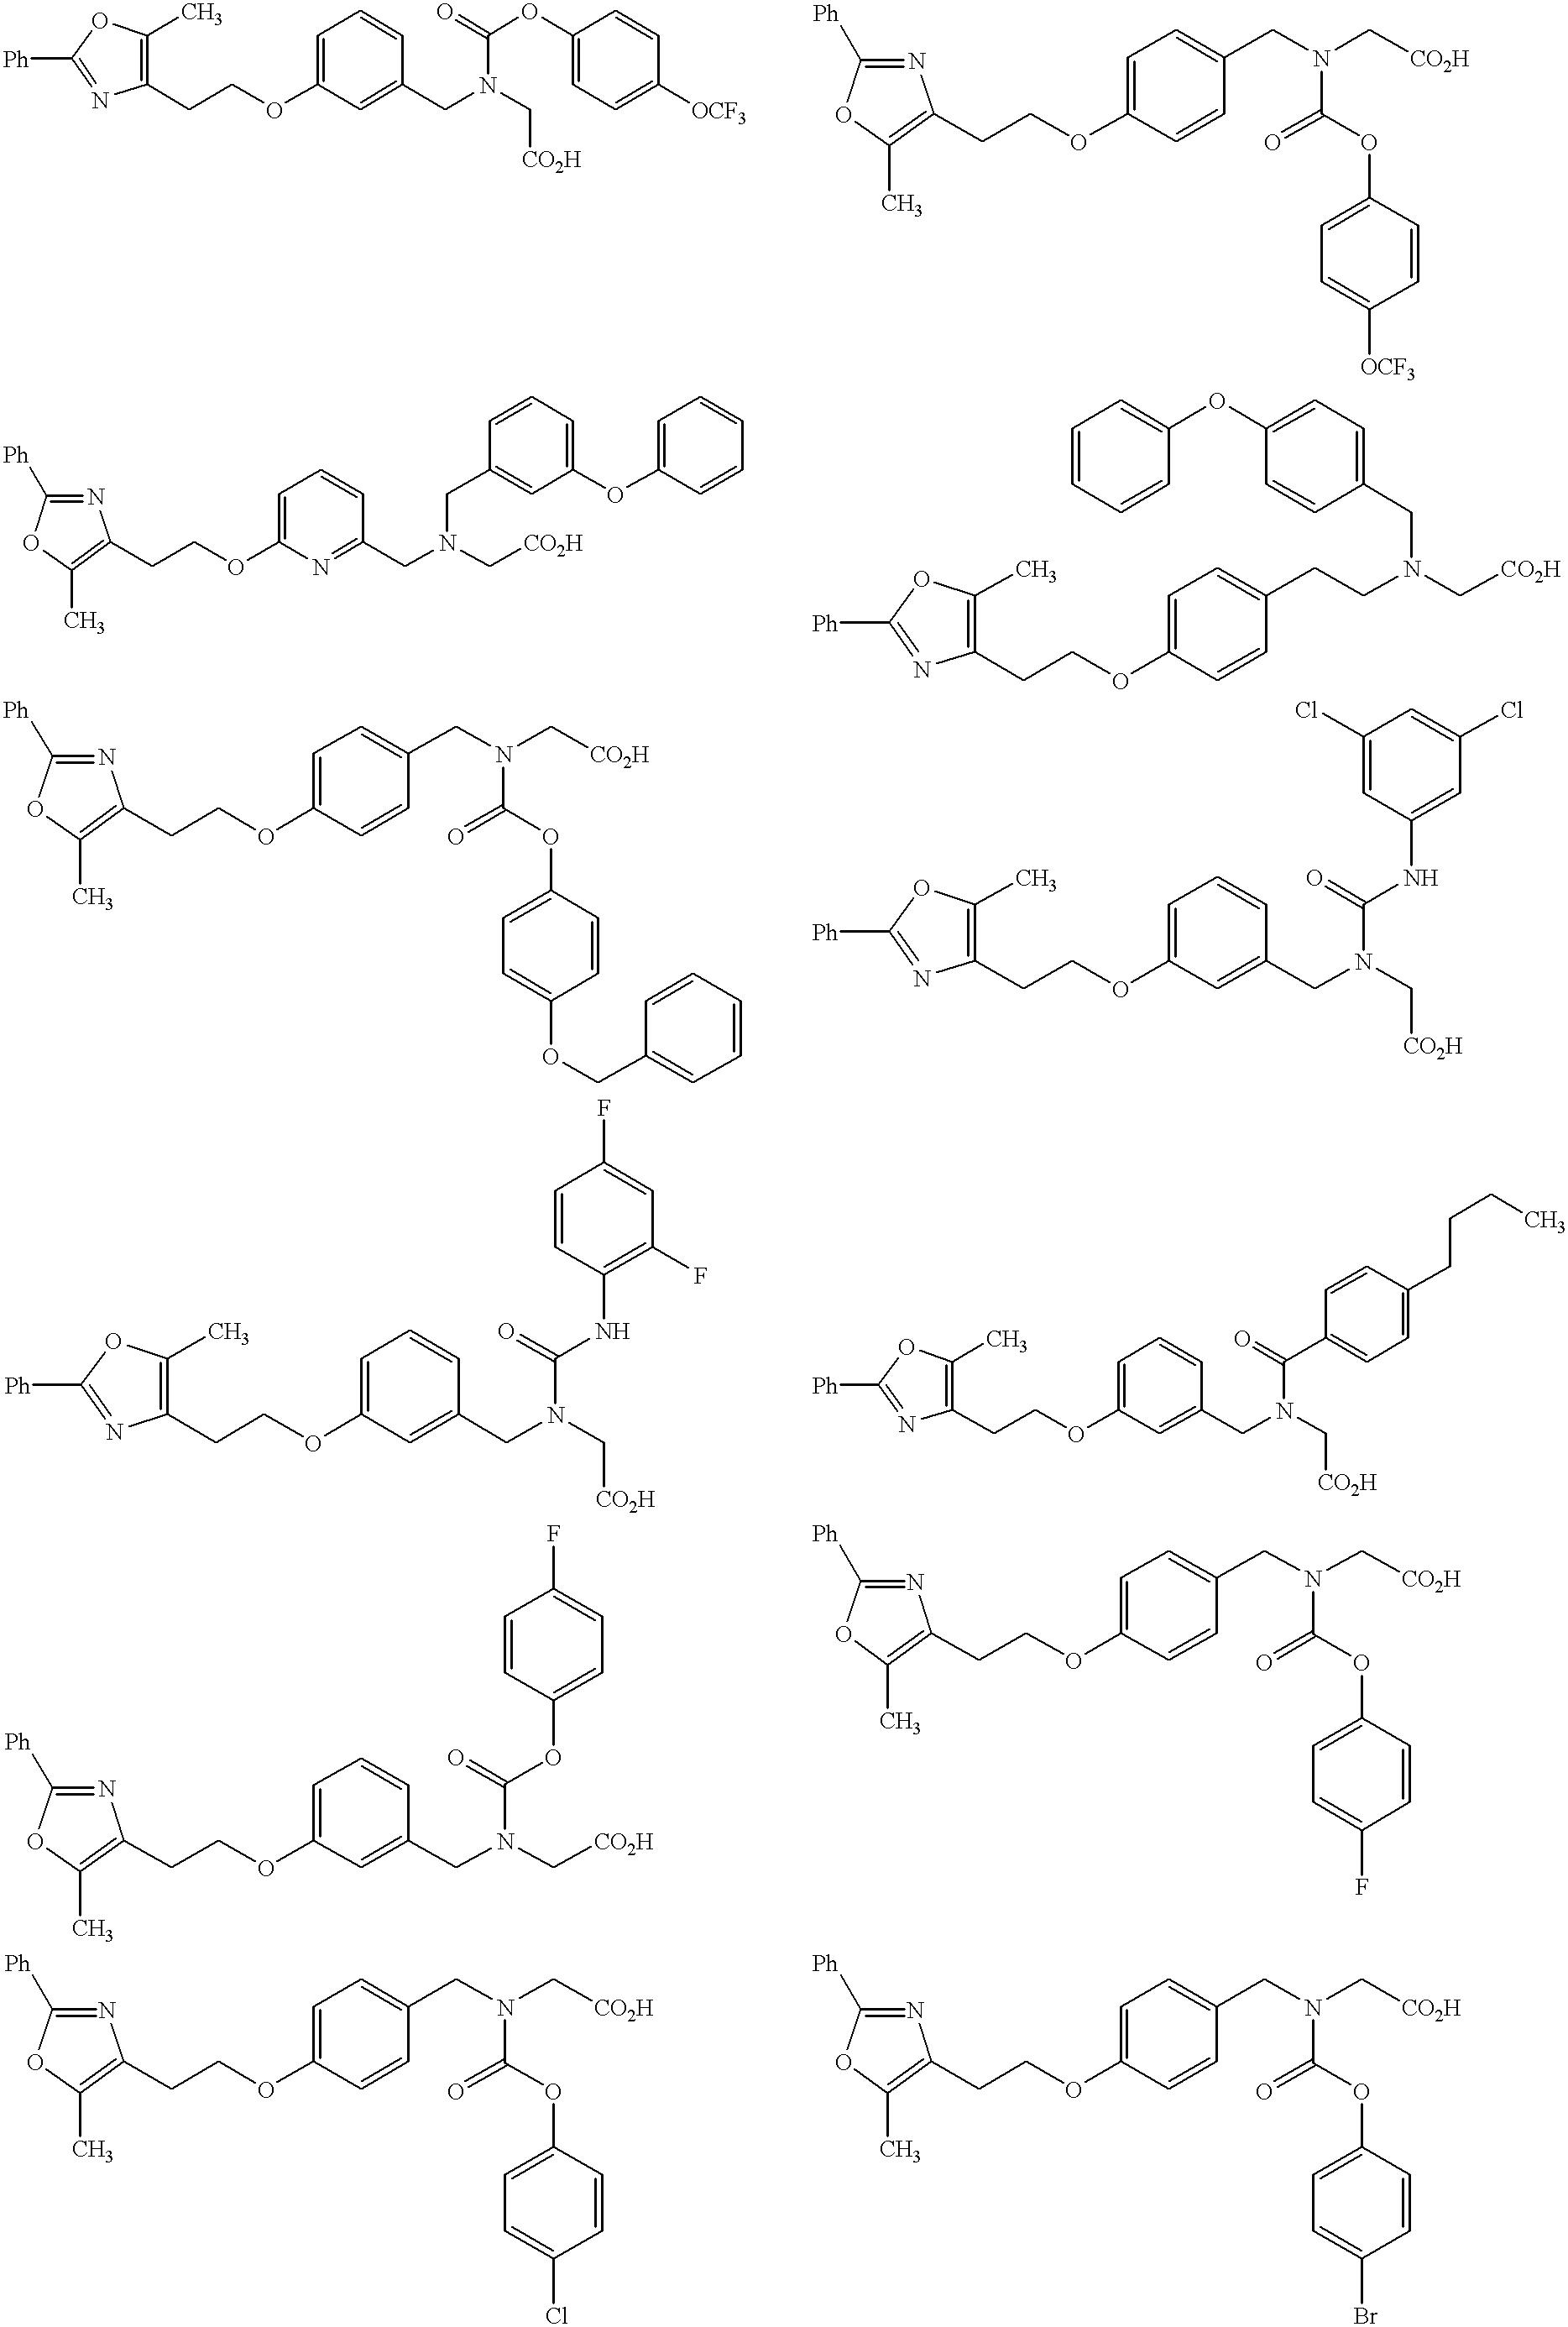 Figure US06414002-20020702-C00011